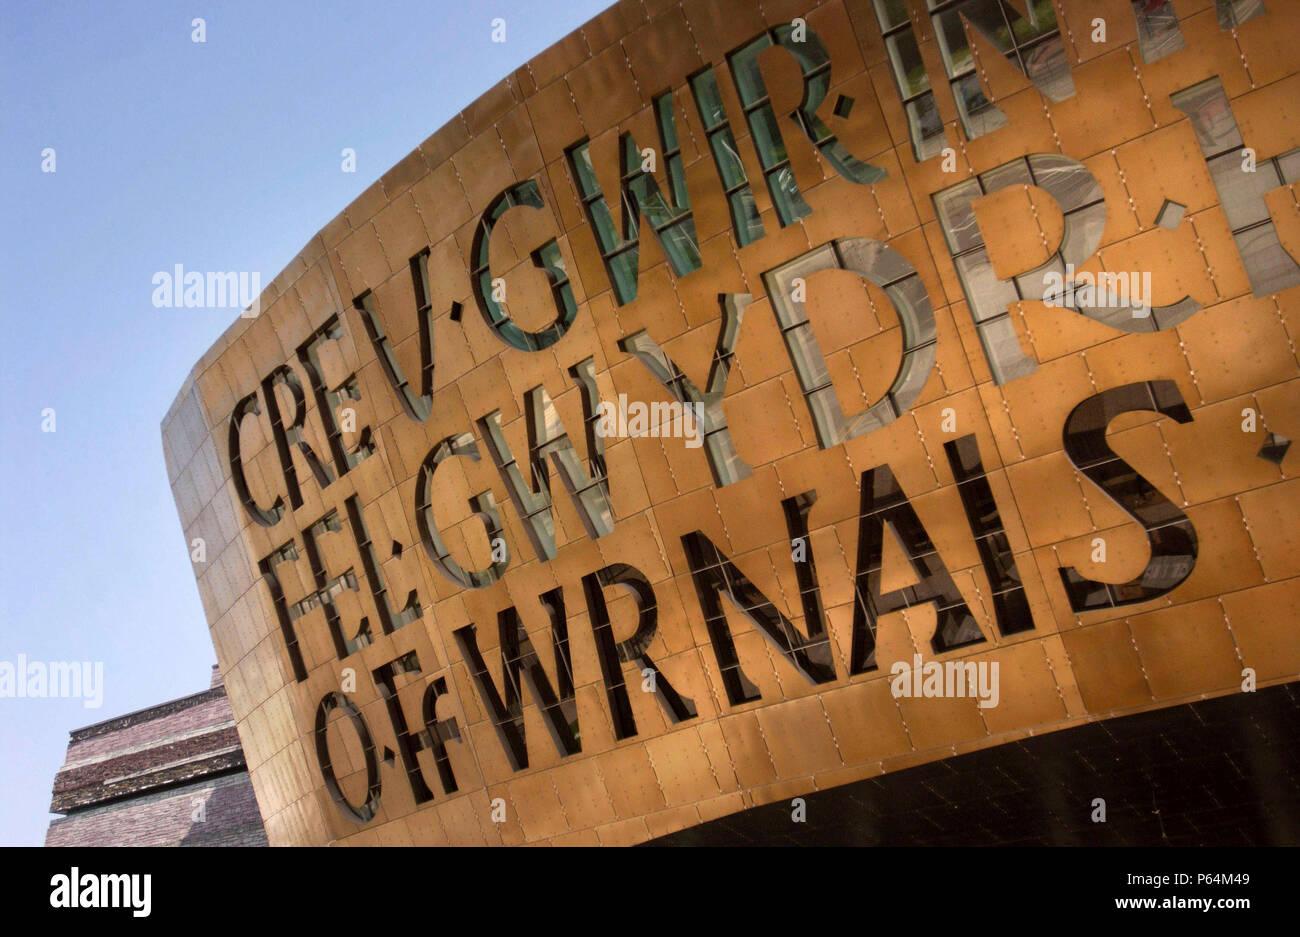 Conçu et construit au Pays de Galles, le Wales Millennium Centre de Cardiff Bay waterfront est faite de 5000 tonnes d'acier de construction. Le CFB est rapidement esta Banque D'Images